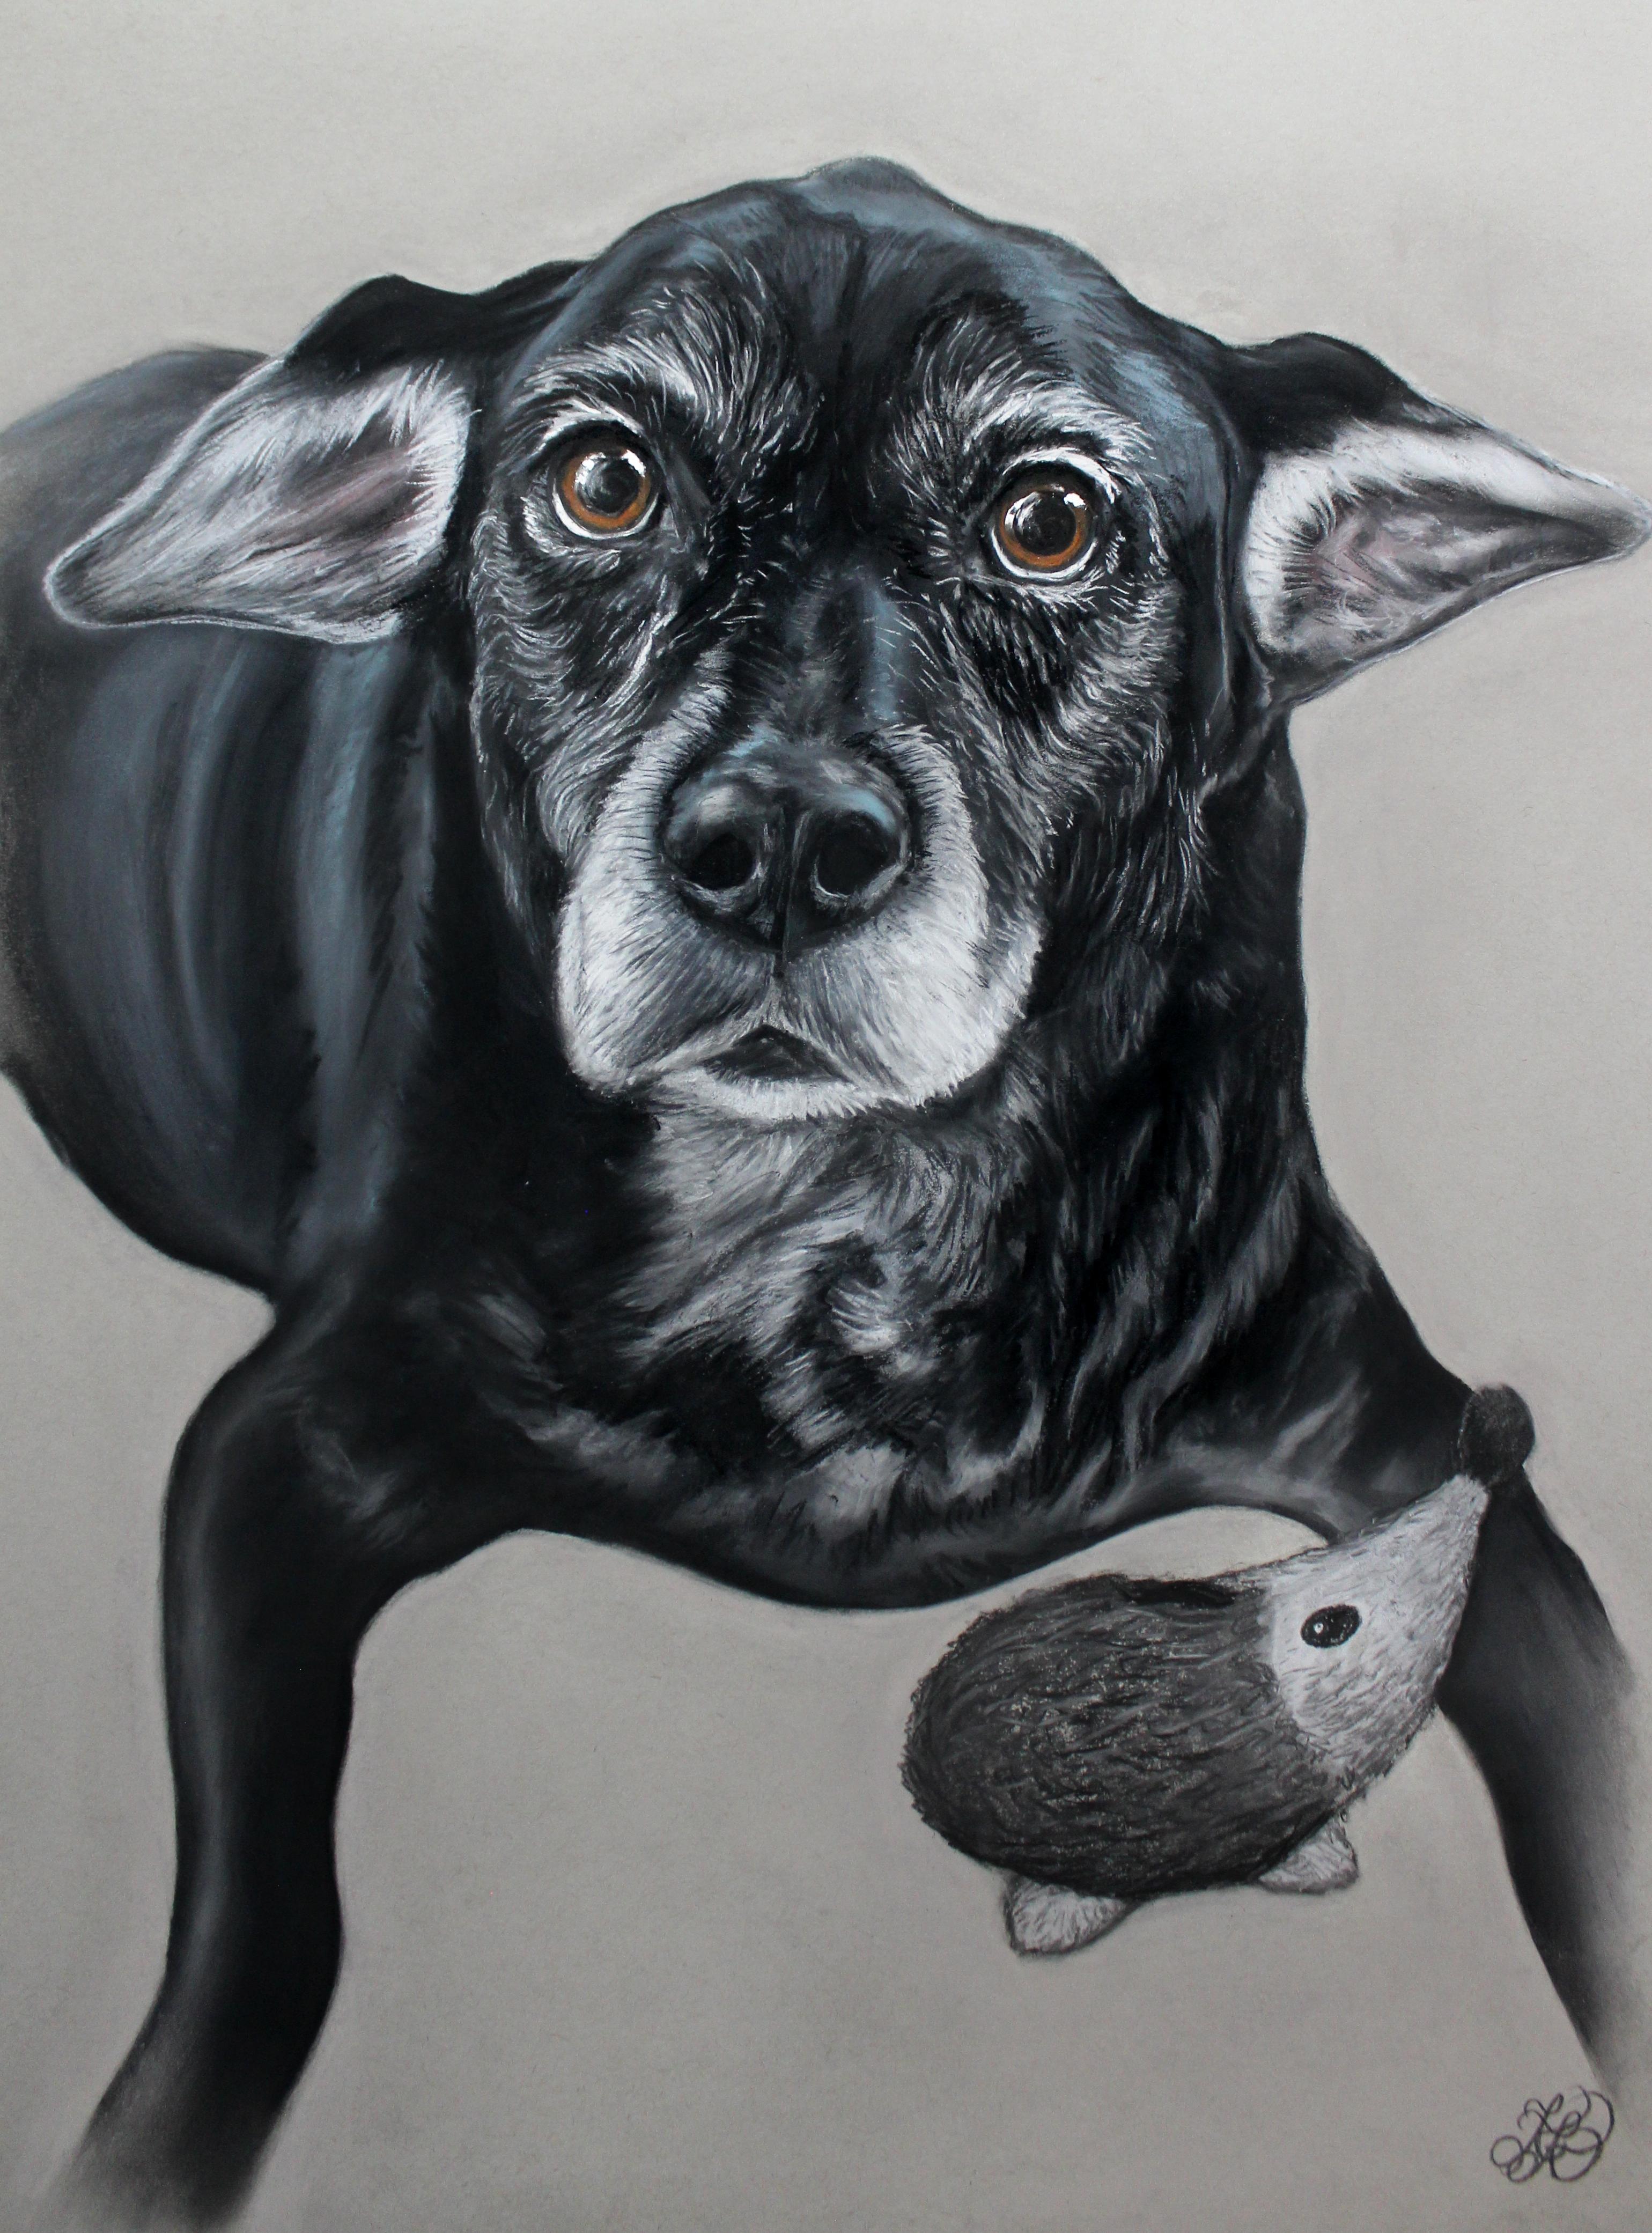 Chili Dog Commission